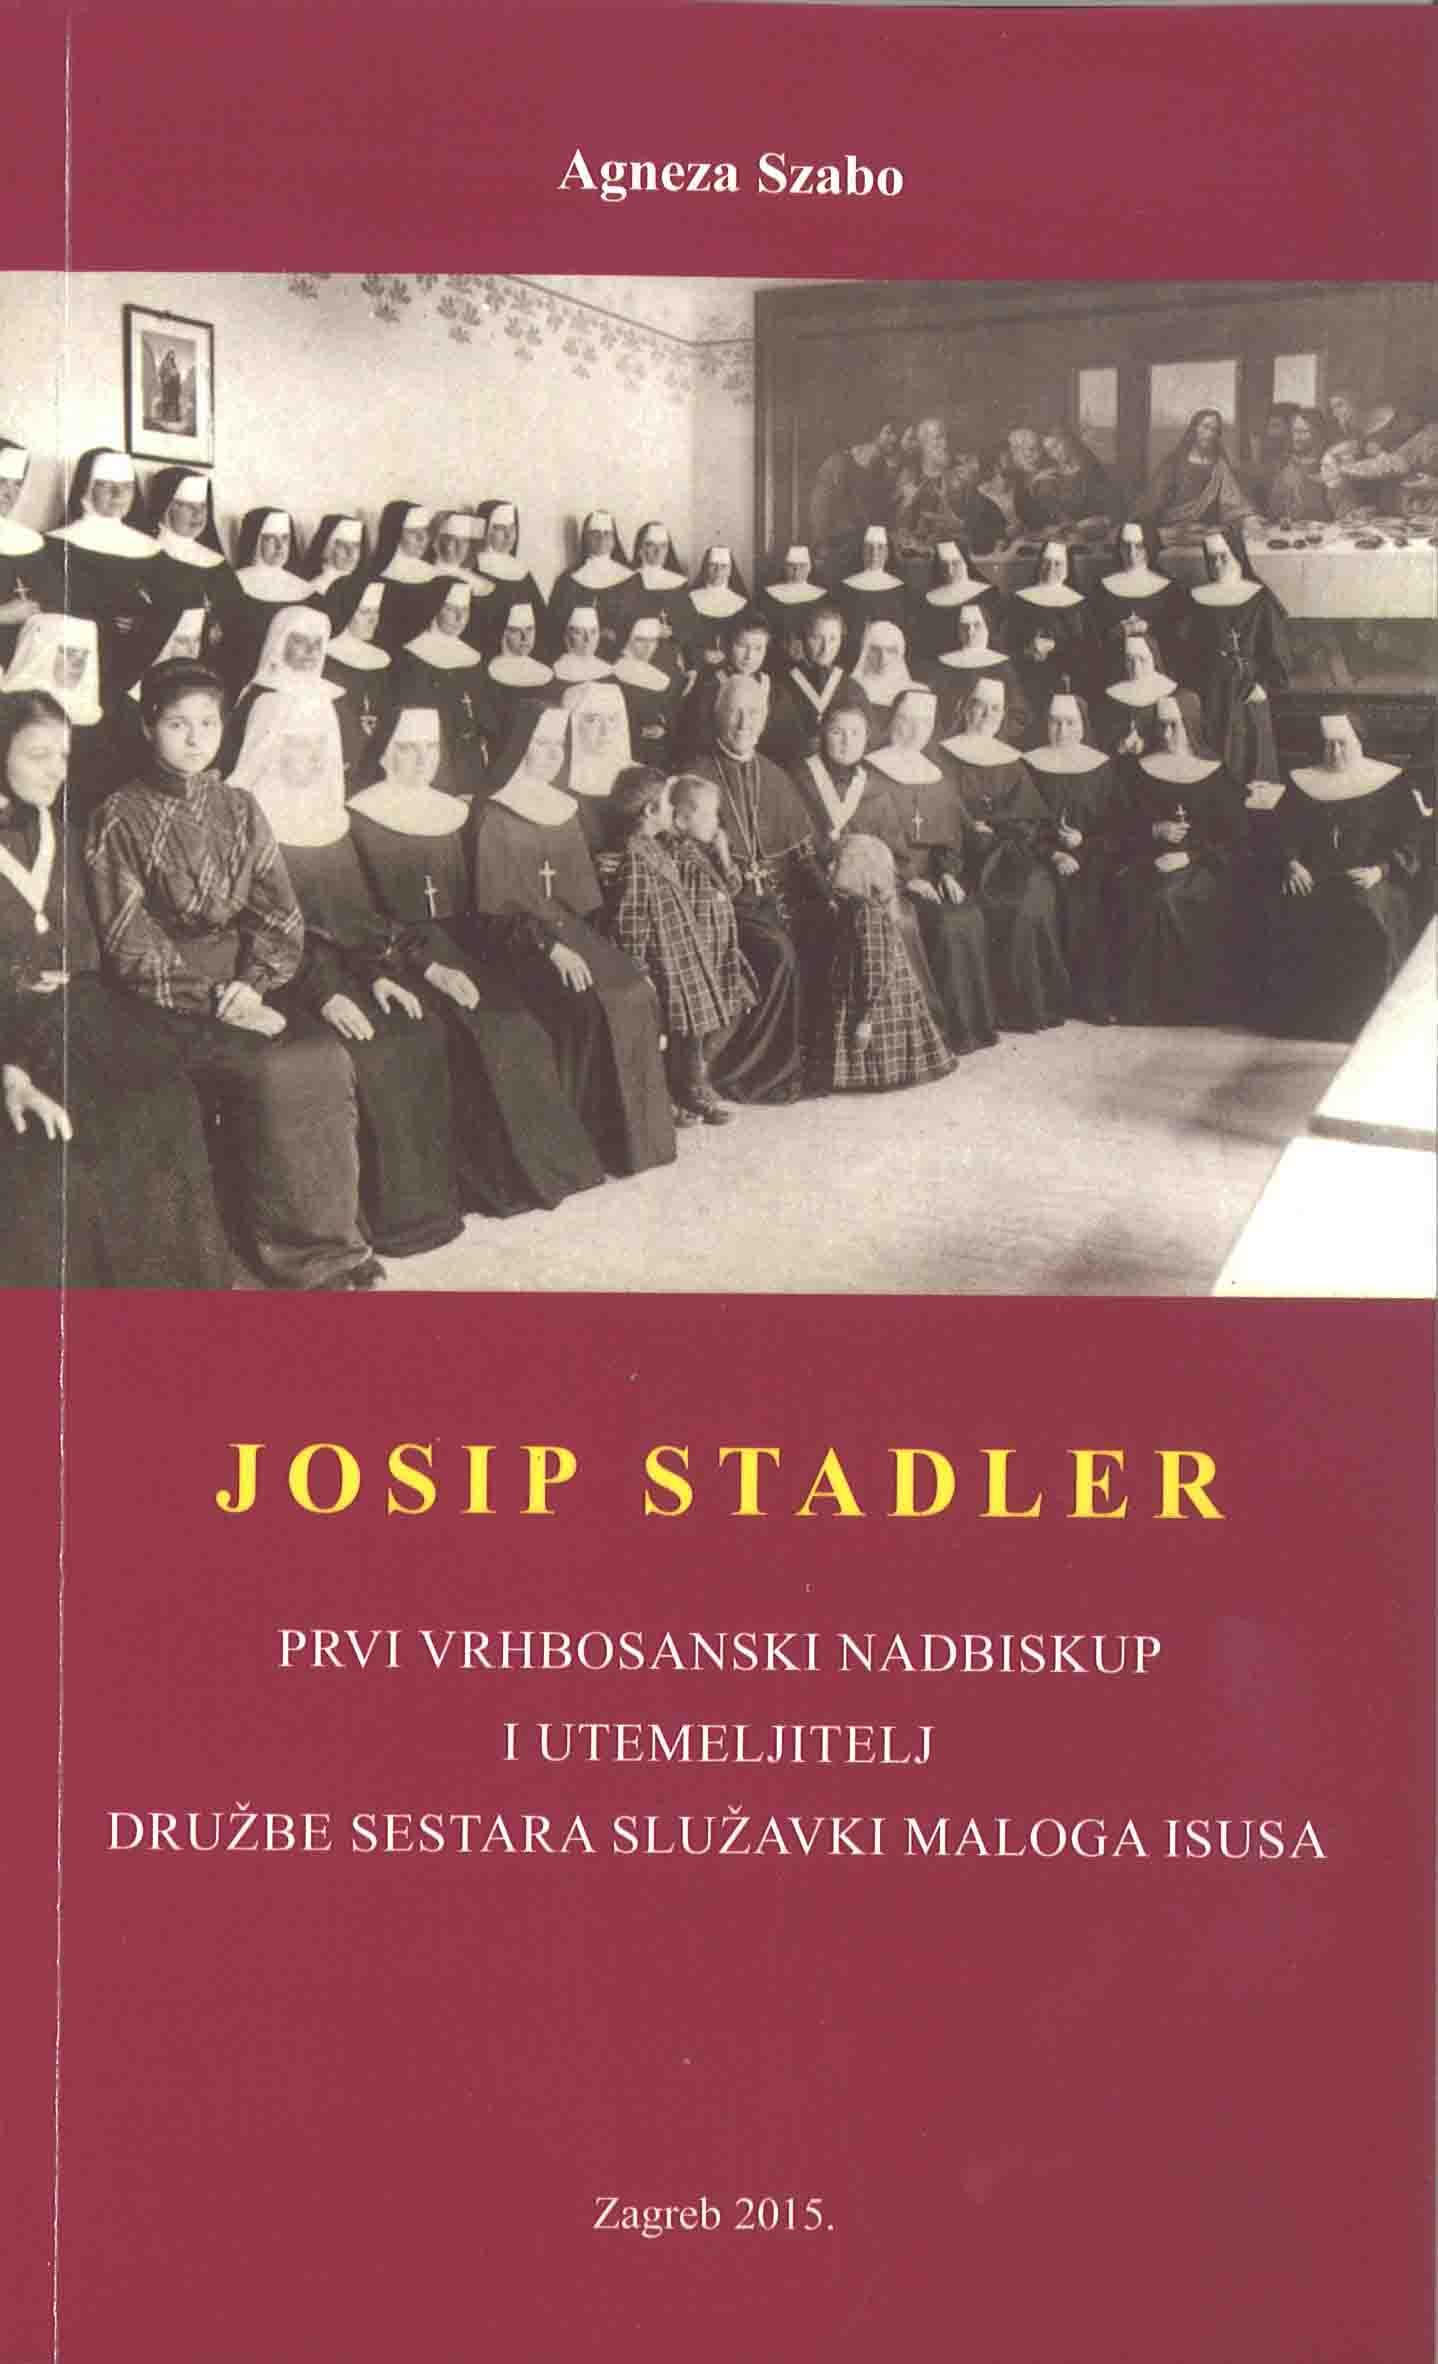 JOSIP STADLER: prvi vrhbosanski nadbiskup i utemeljitelj Družbe sestara služavki maloga Isusa